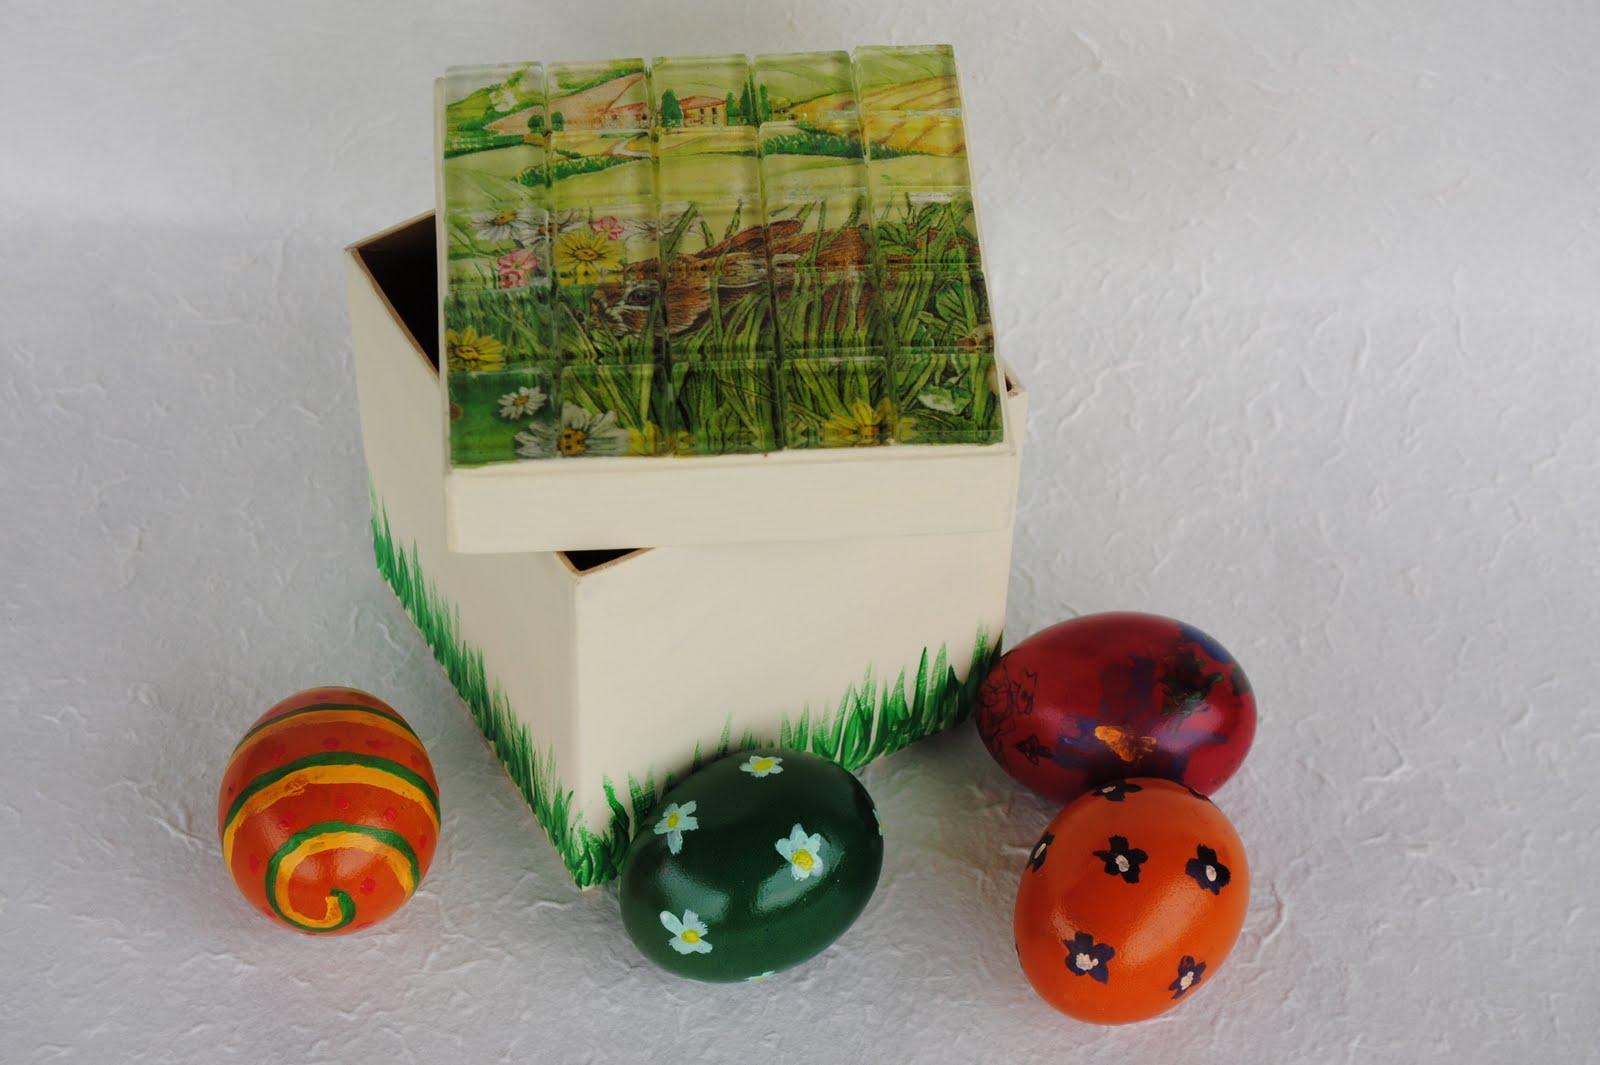 Fabylab scatoline con due diversi decoupage - Parole con due significati diversi ...